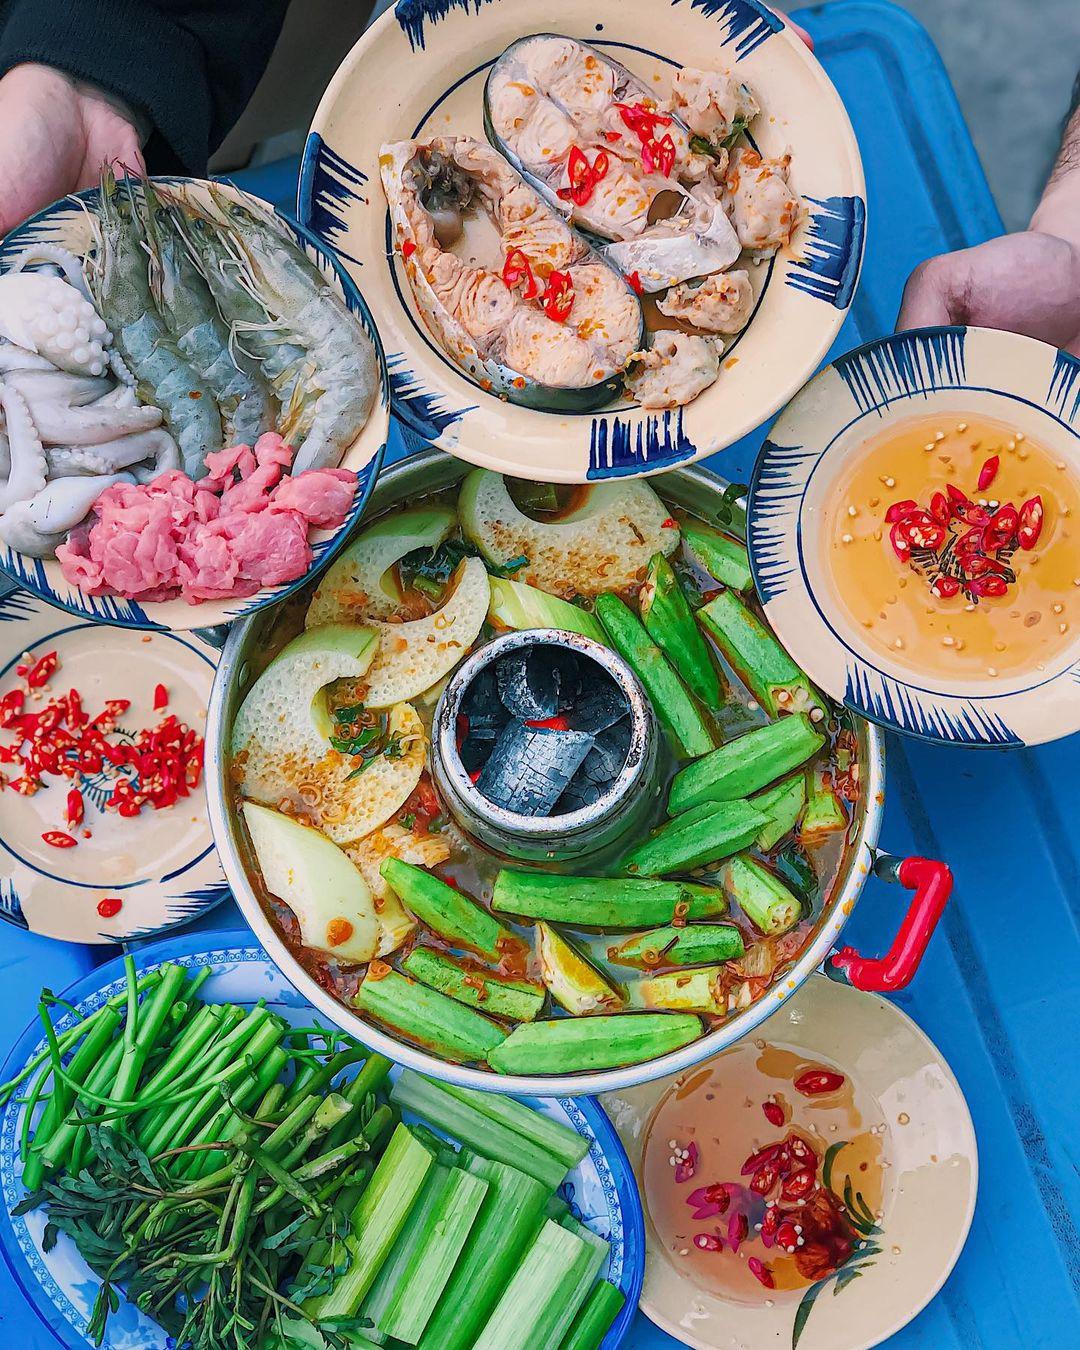 Tiệm lẩu cù lao có địa chỉ trên đường Nguyễn Xí ở quận Bình Thạnh chuyên bán các loại lẩu hấp dẫn ở miền Tây như lẩu mắm, lẩu Thái đồng giá 159.000 đồng cho phần ăn 2-3 người và 275.000 đồng cho 4-5 người dùng, chưa tính phí ship. Món ăn tại quán được thực khách đánh giá chất lượng, nêm nếm vừa miệng và phần thịt cá đa dạng, rau ăn lẩu phong phú. Ảnh: @rio.thefoodlist_/Instagram